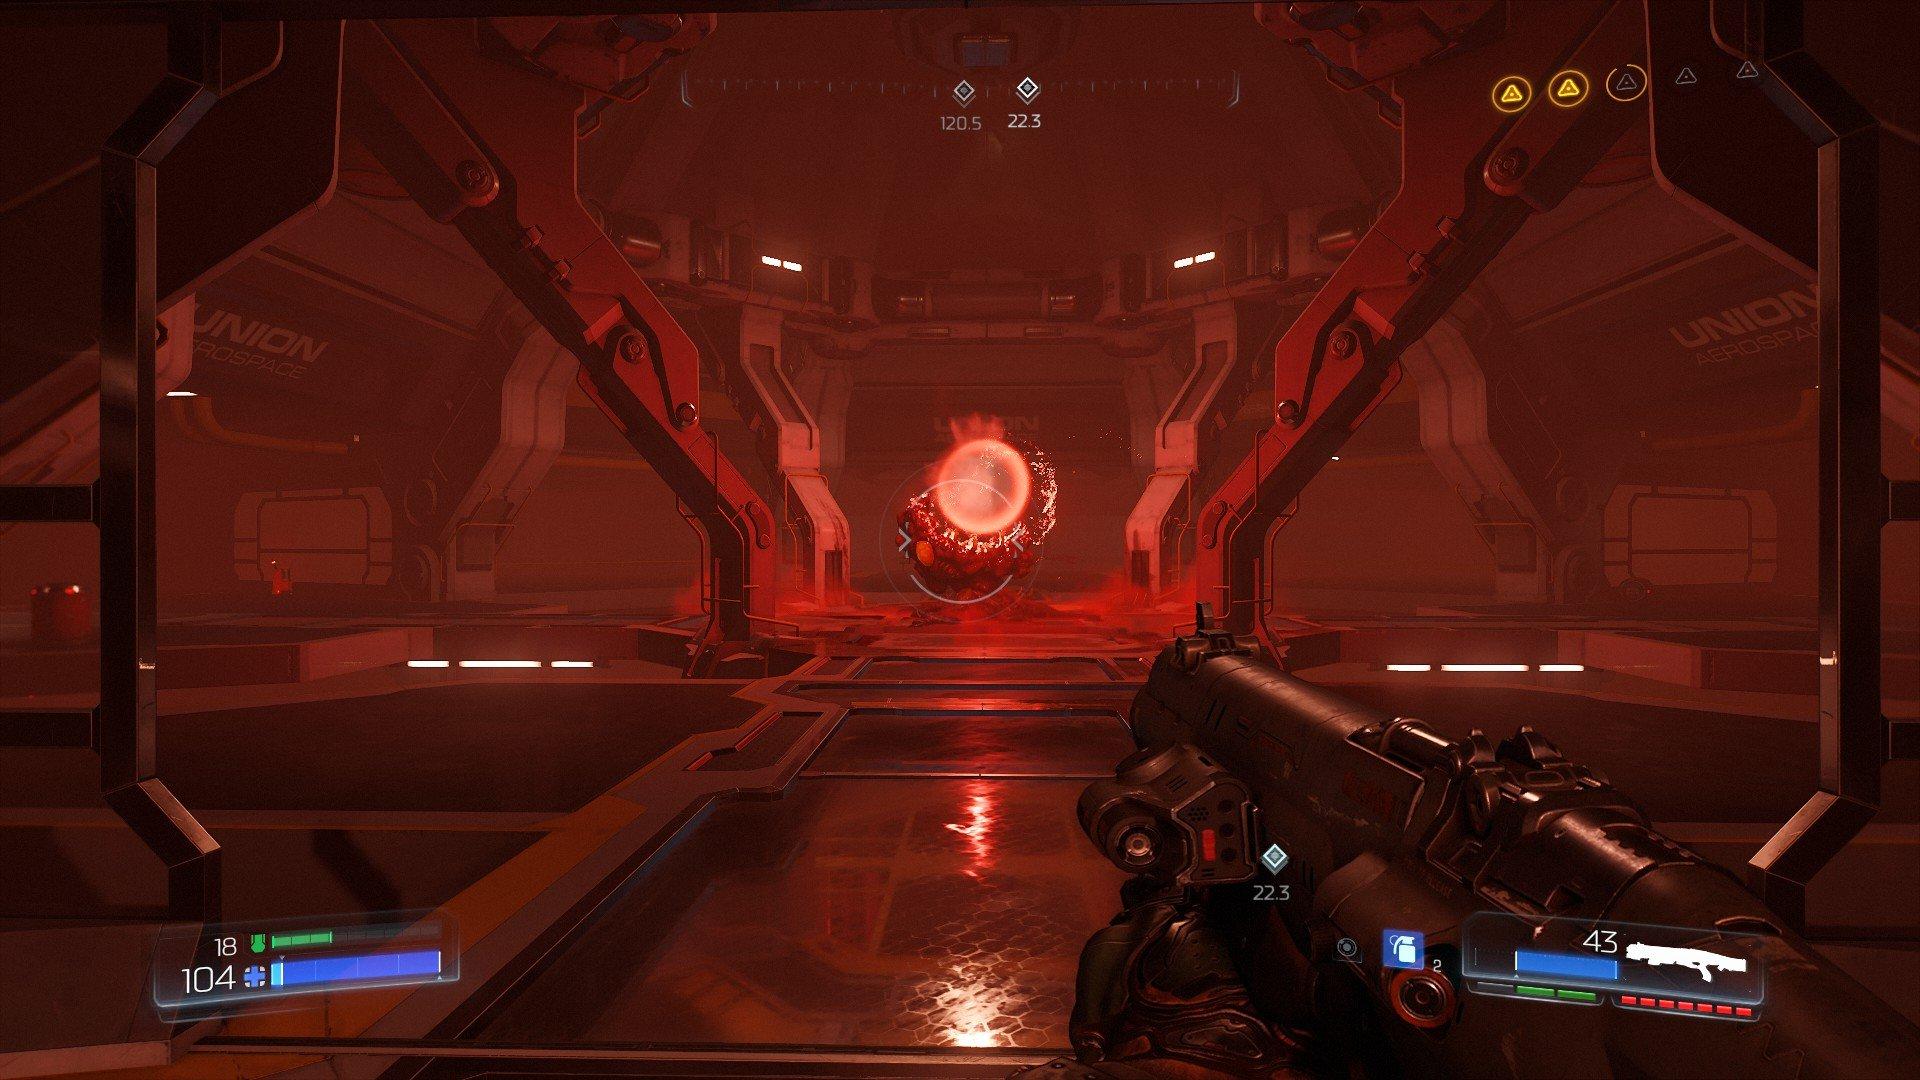 Вопль-прохождение Doom ... Позитивный и развеселый - Изображение 25